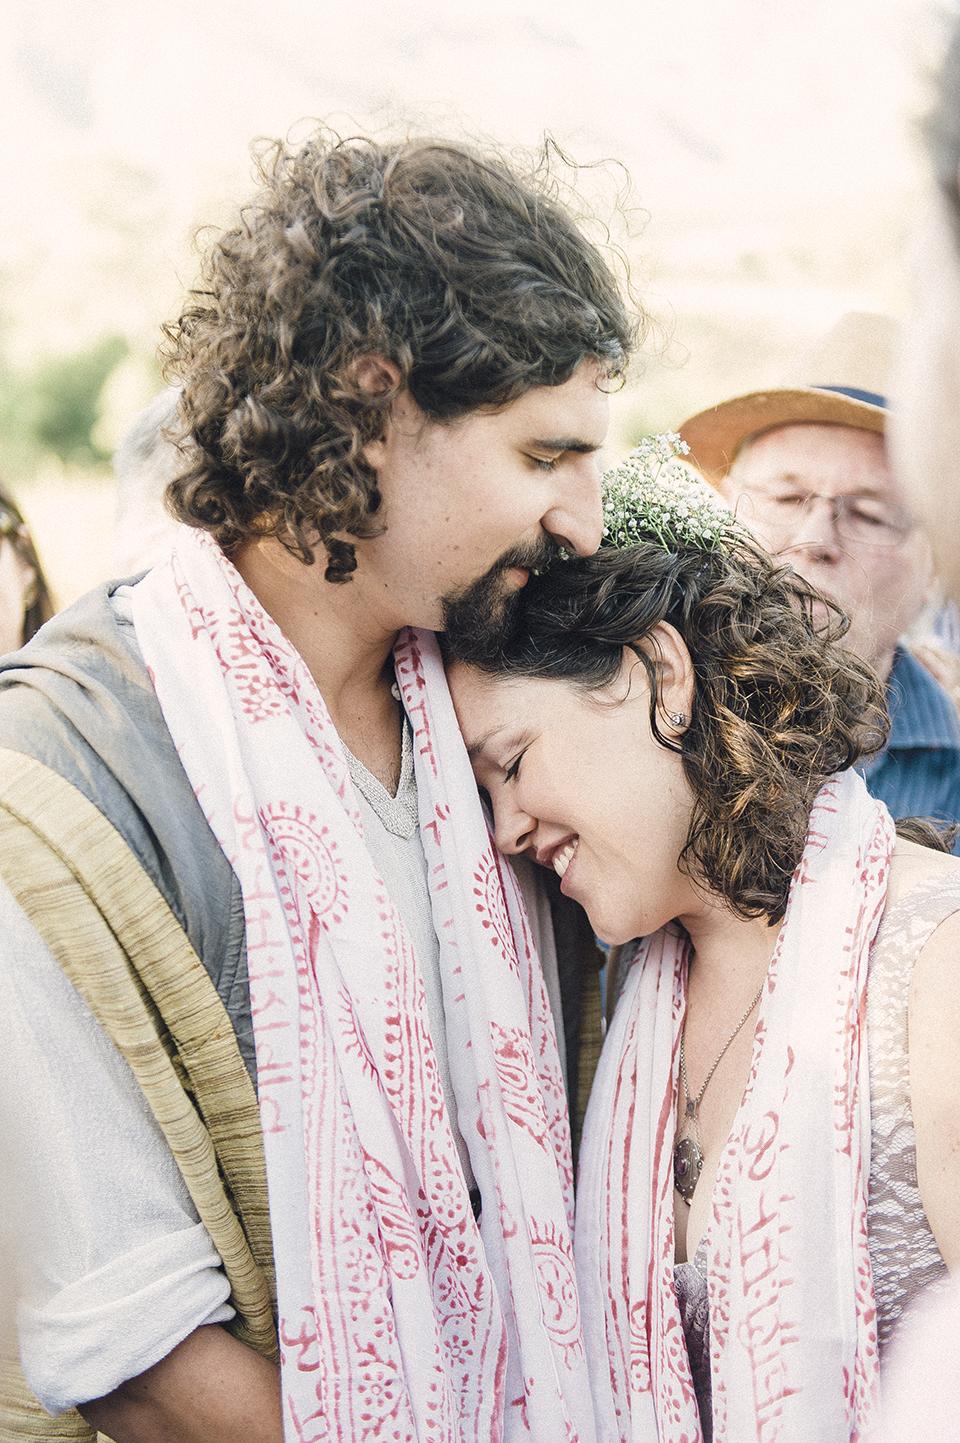 RyanParker_WeddingPhotographer_FineArt_CapeTown_Stanford_Hermanus_J&I_DSC_0482_1.jpg